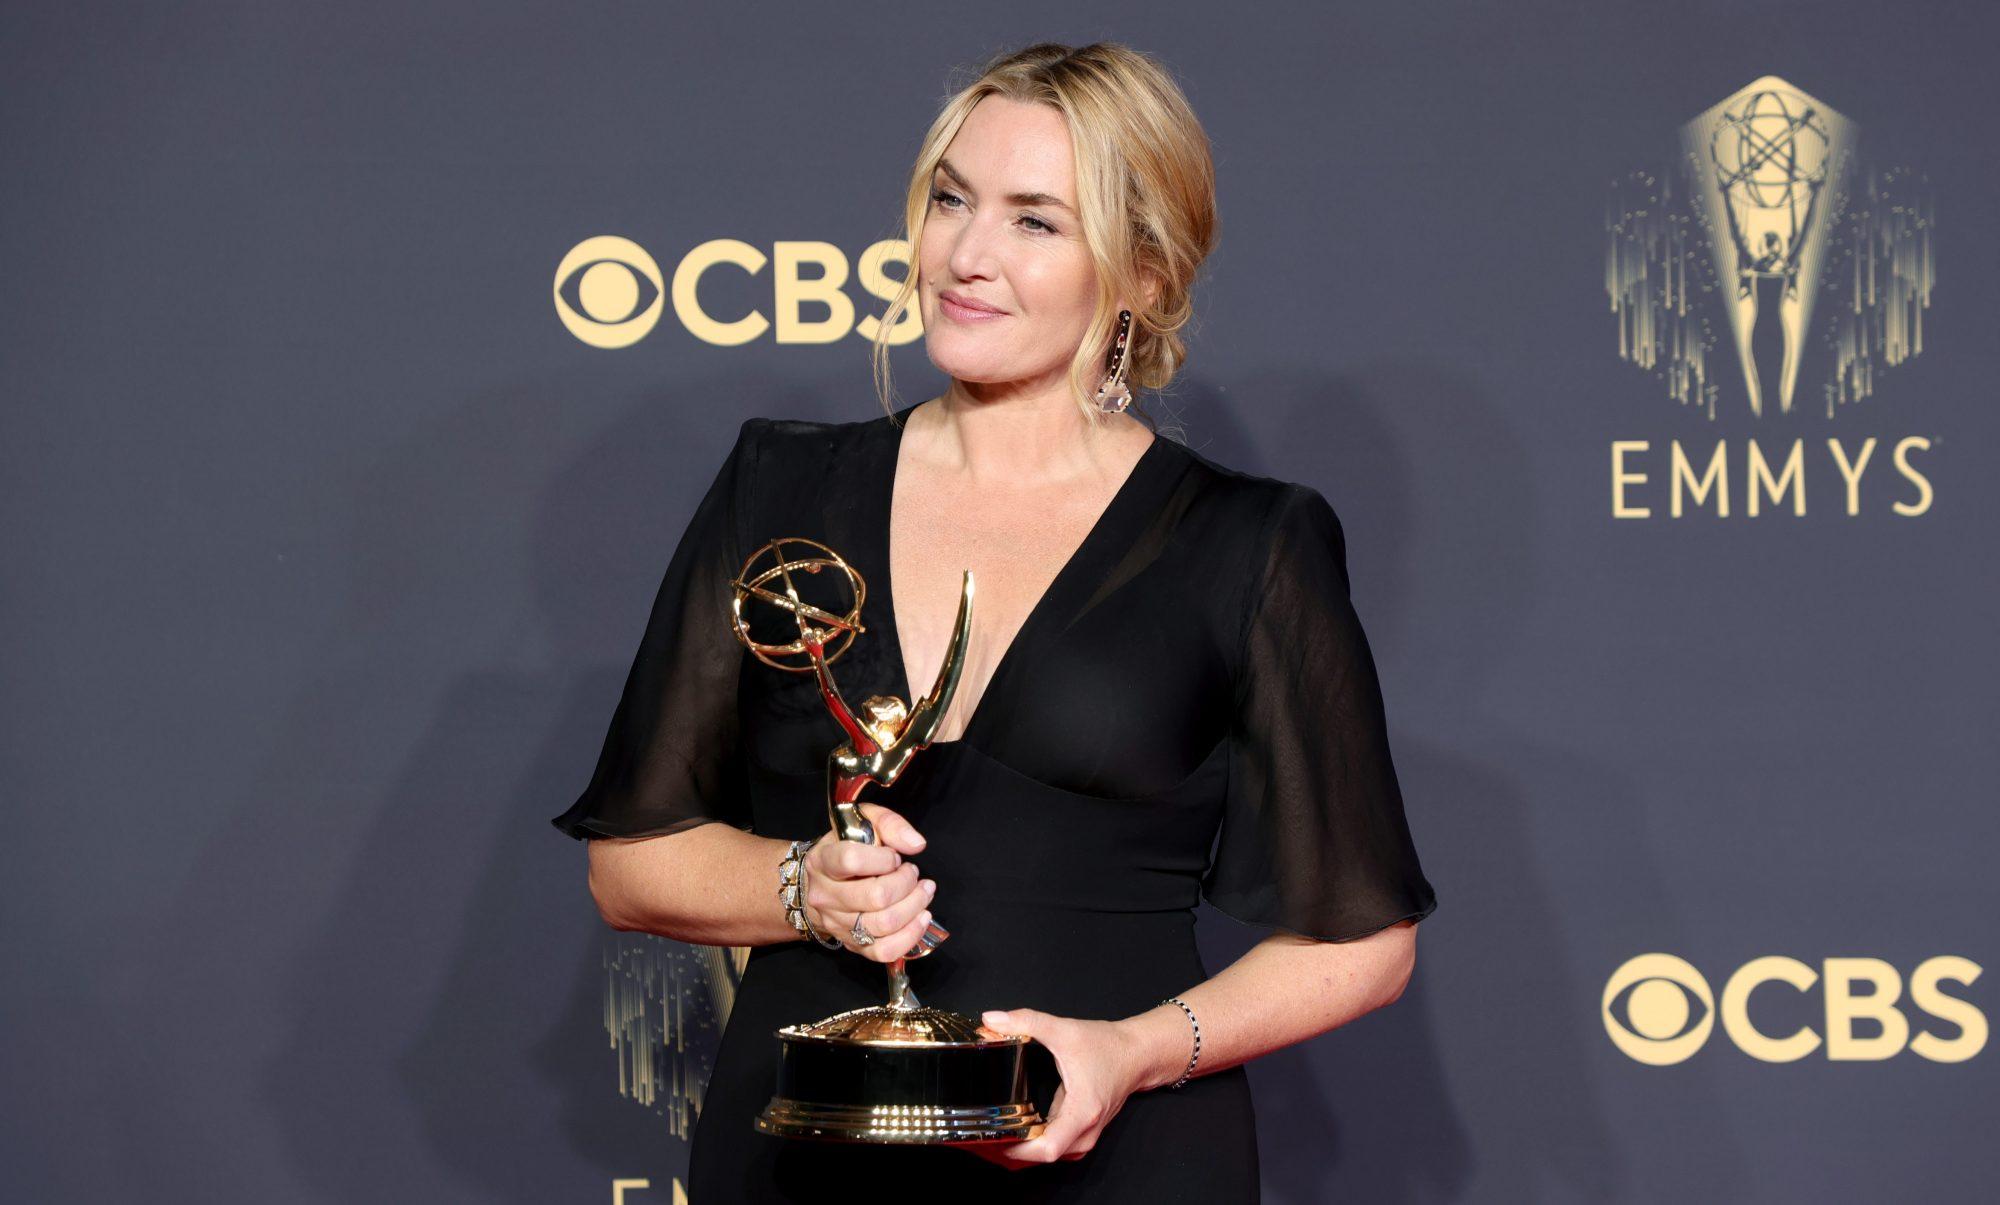 Βραβεία Emmy 2021: Οι μεγάλοι νικητές της βραδιάς Τα βραβεία Εmmy πραγματοποιήθηκαν χθες βράδυ και οι μεγάλοι νικητές απόλαυσαν την διάκρισή τους κατά τη διάρκεια της λαμπερής διοργάνωσης που έλαβε χώρα στο Microsoft Theater, στο Λος Άντζελες .